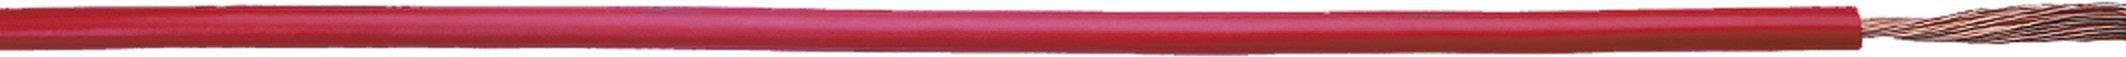 Opletenie / lanko LappKabel 4160701 Multi-Standard SC 2.1, 1 x 6 mm², vonkajší Ø 4.90 mm, metrový tovar, čierna